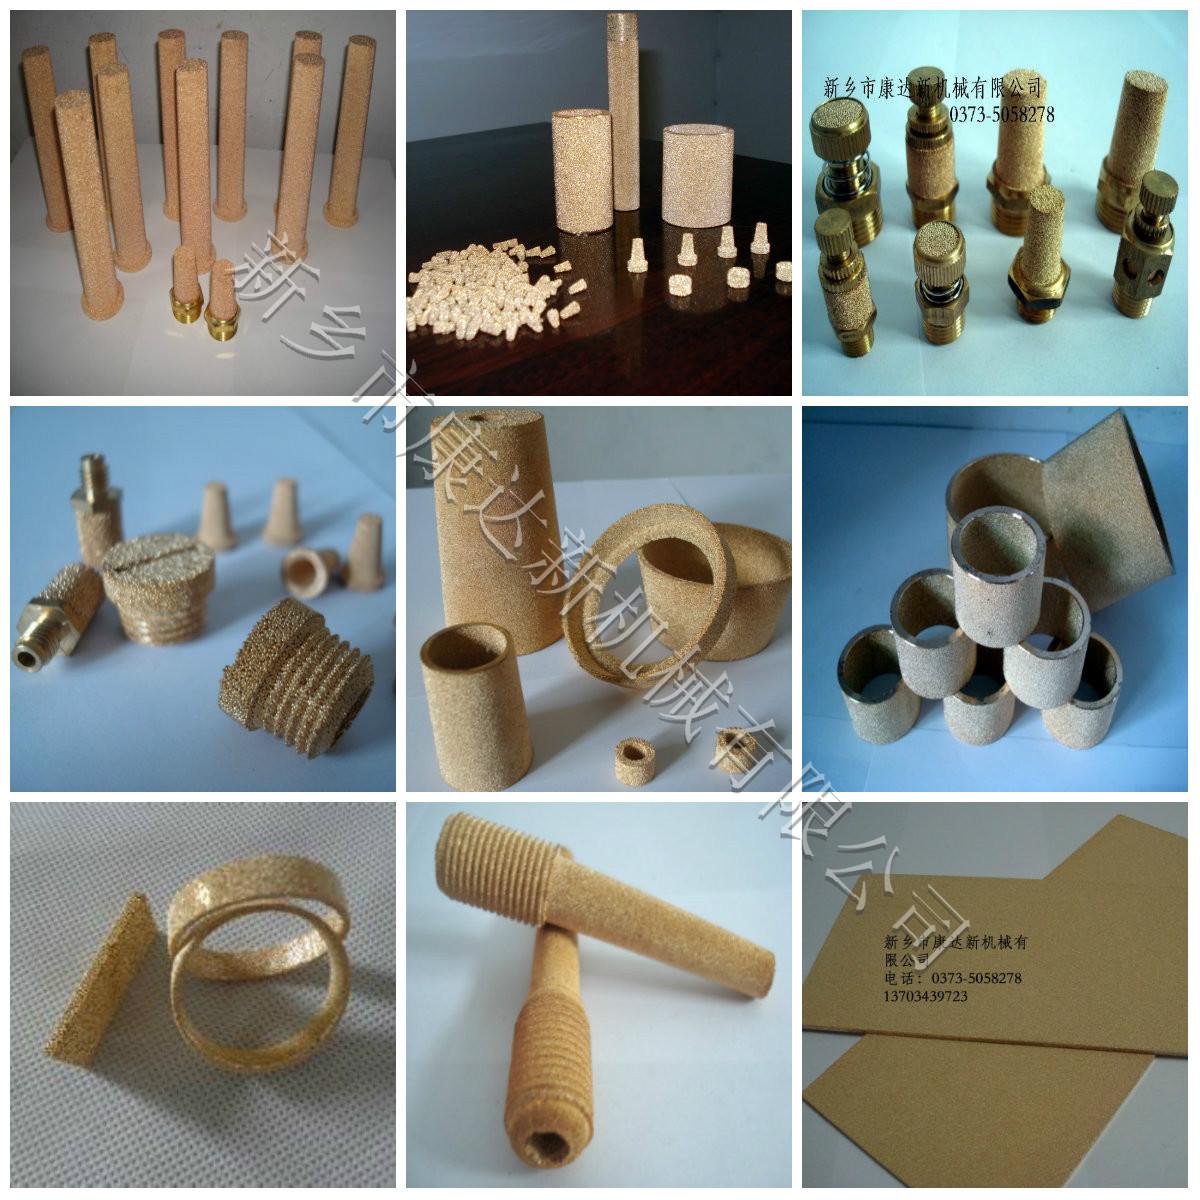 铜基过滤芯|烧结铜滤芯|青铜烧结滤芯 订做